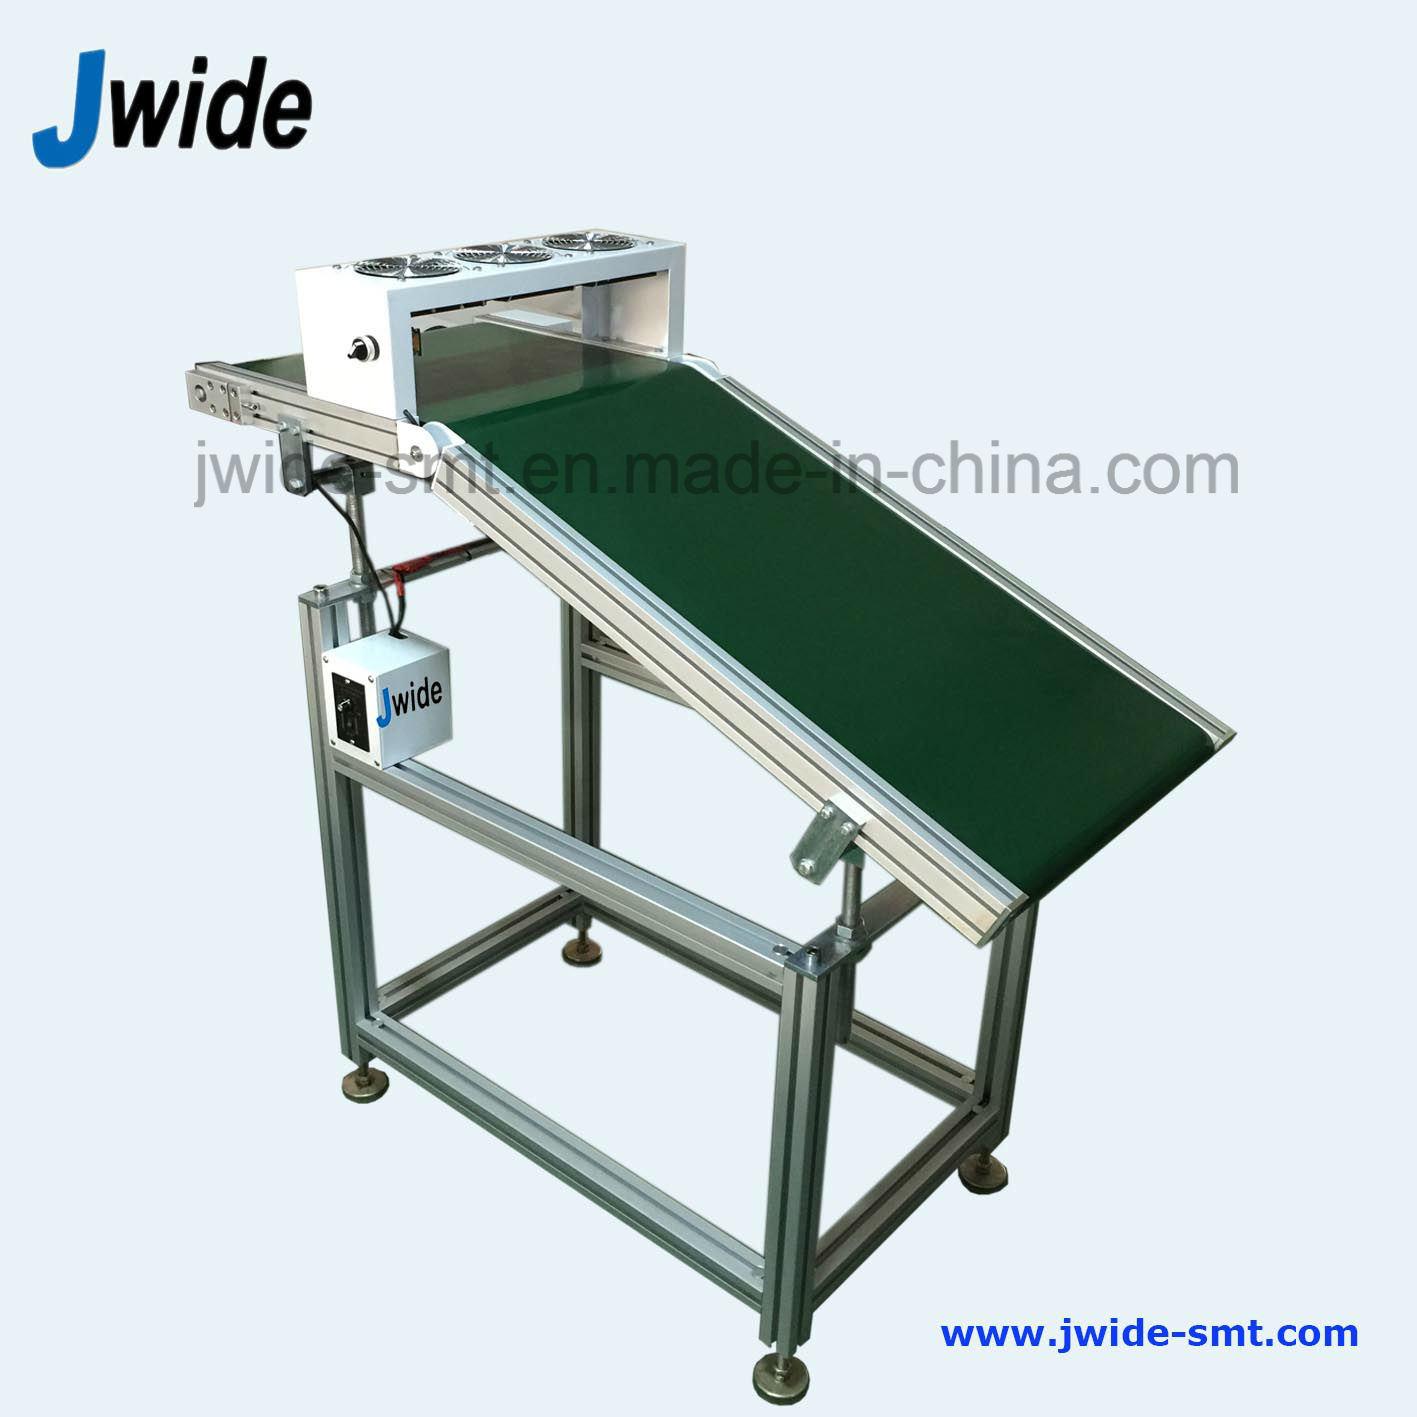 Anti Slip Blet Wave Solder Offload Conveyor for Insertion Line